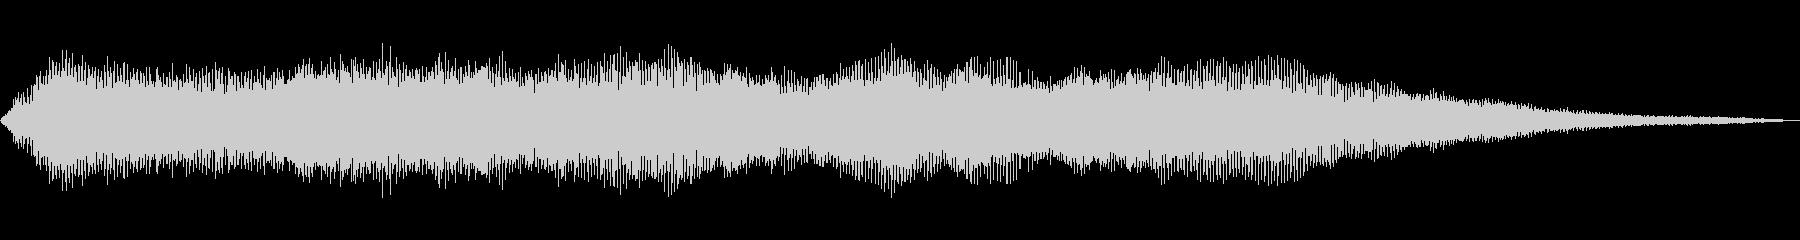 ブライトシンセドローン、音楽FX;...の未再生の波形